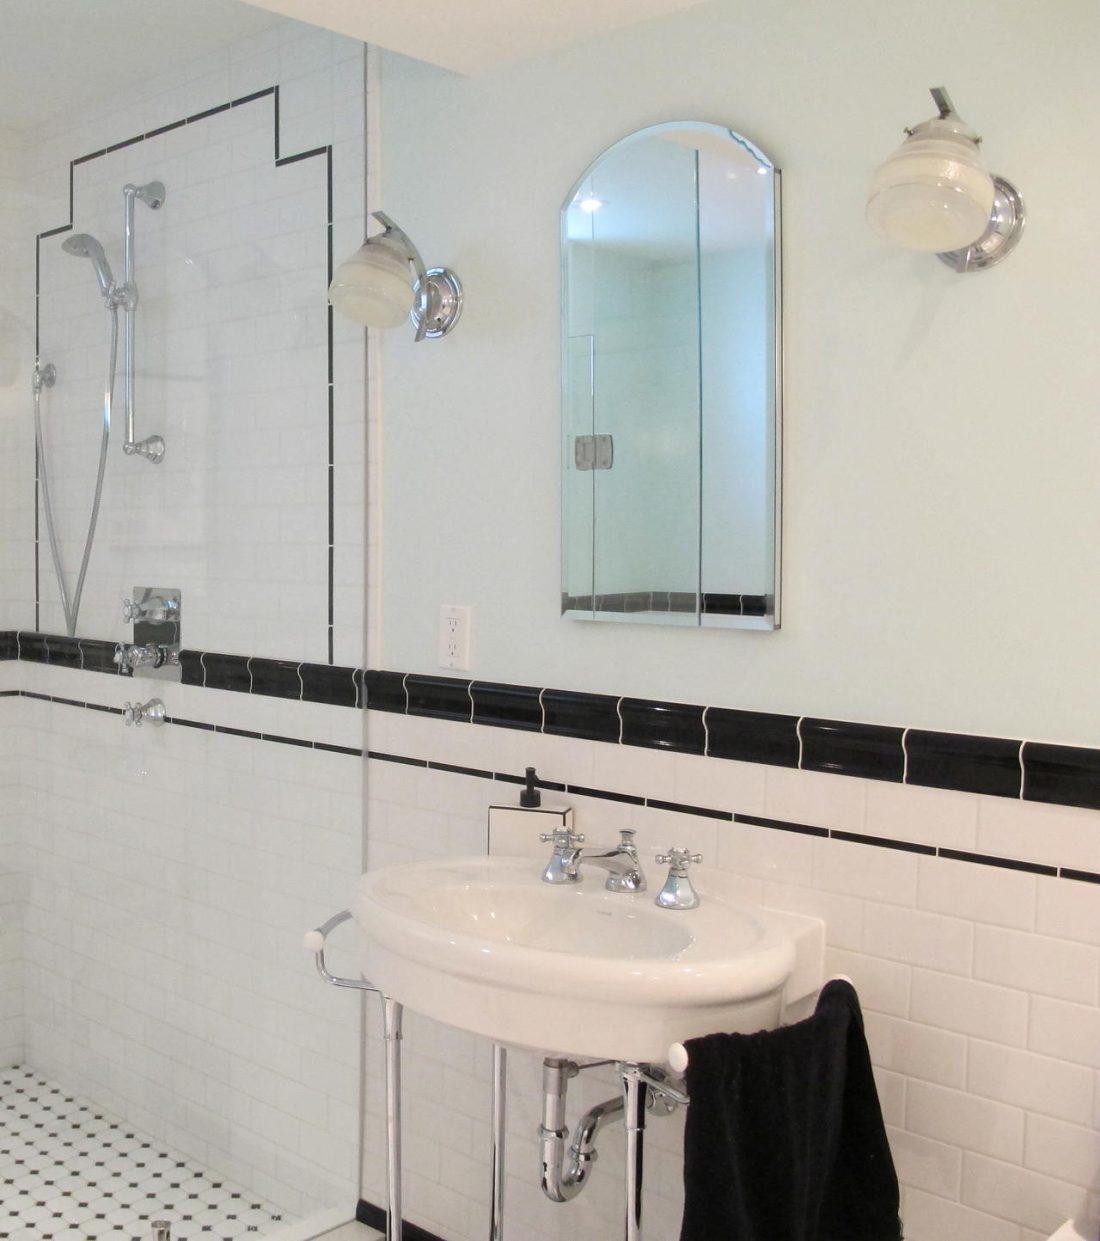 Арт деко стиль в интерьере ванной комнаты 3